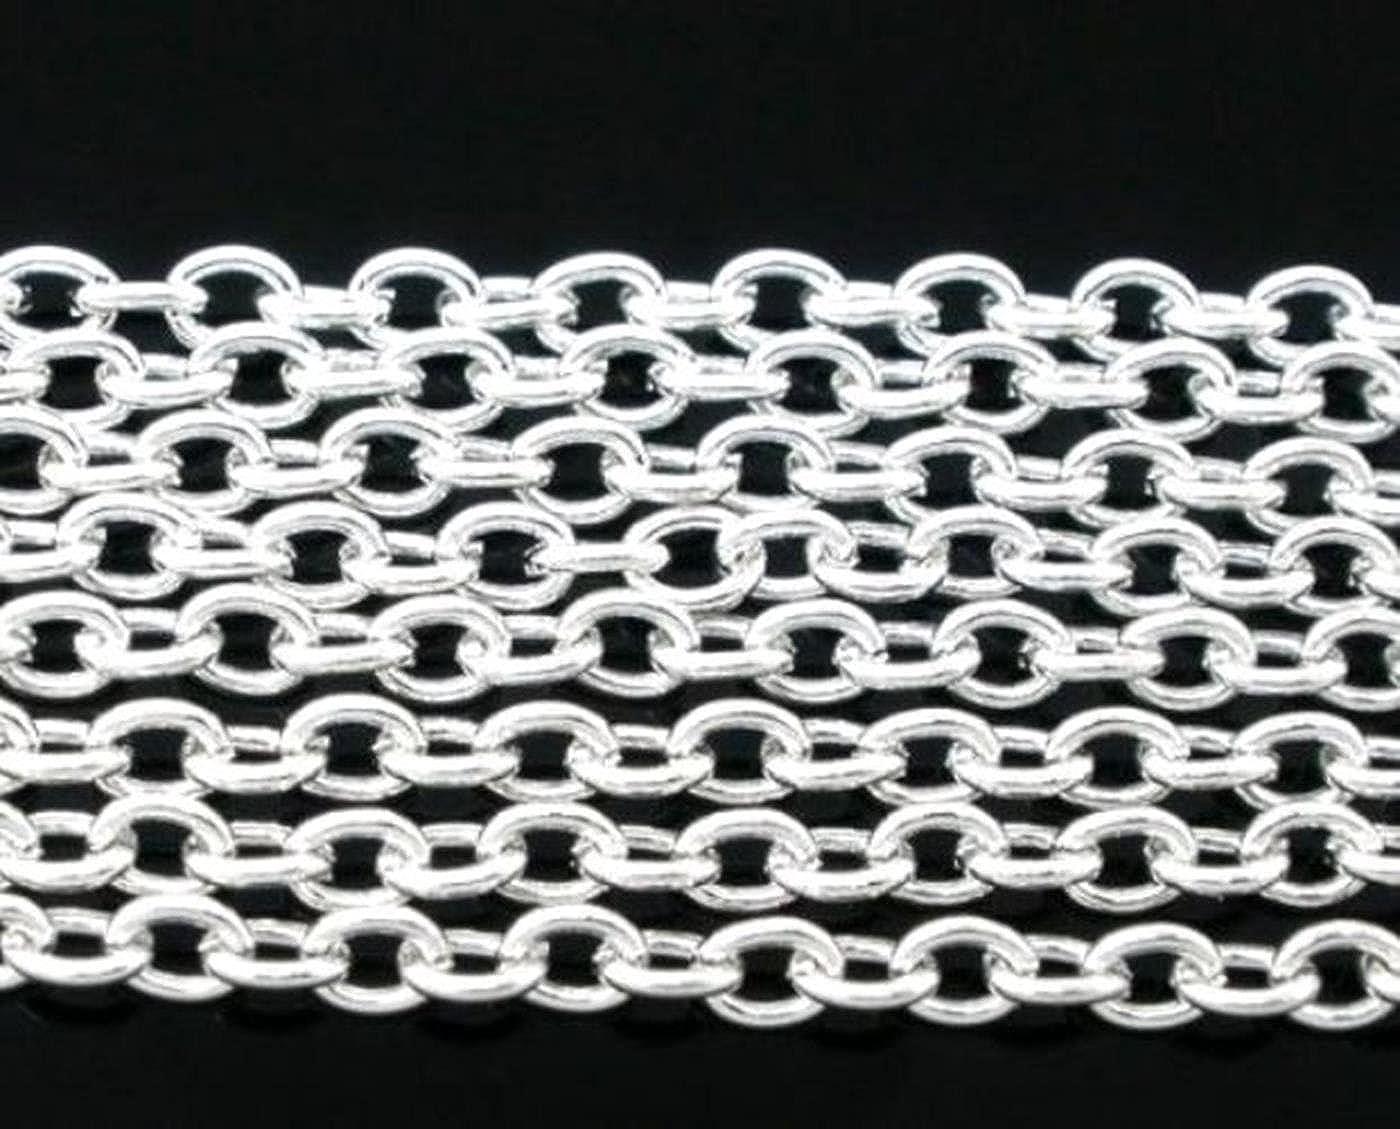 10/m 3,5/mm x 2,5/mm versilbert Kabel Kette Craft Schmuckherstellung aufreihmaterialien Fashion Arts Crafts